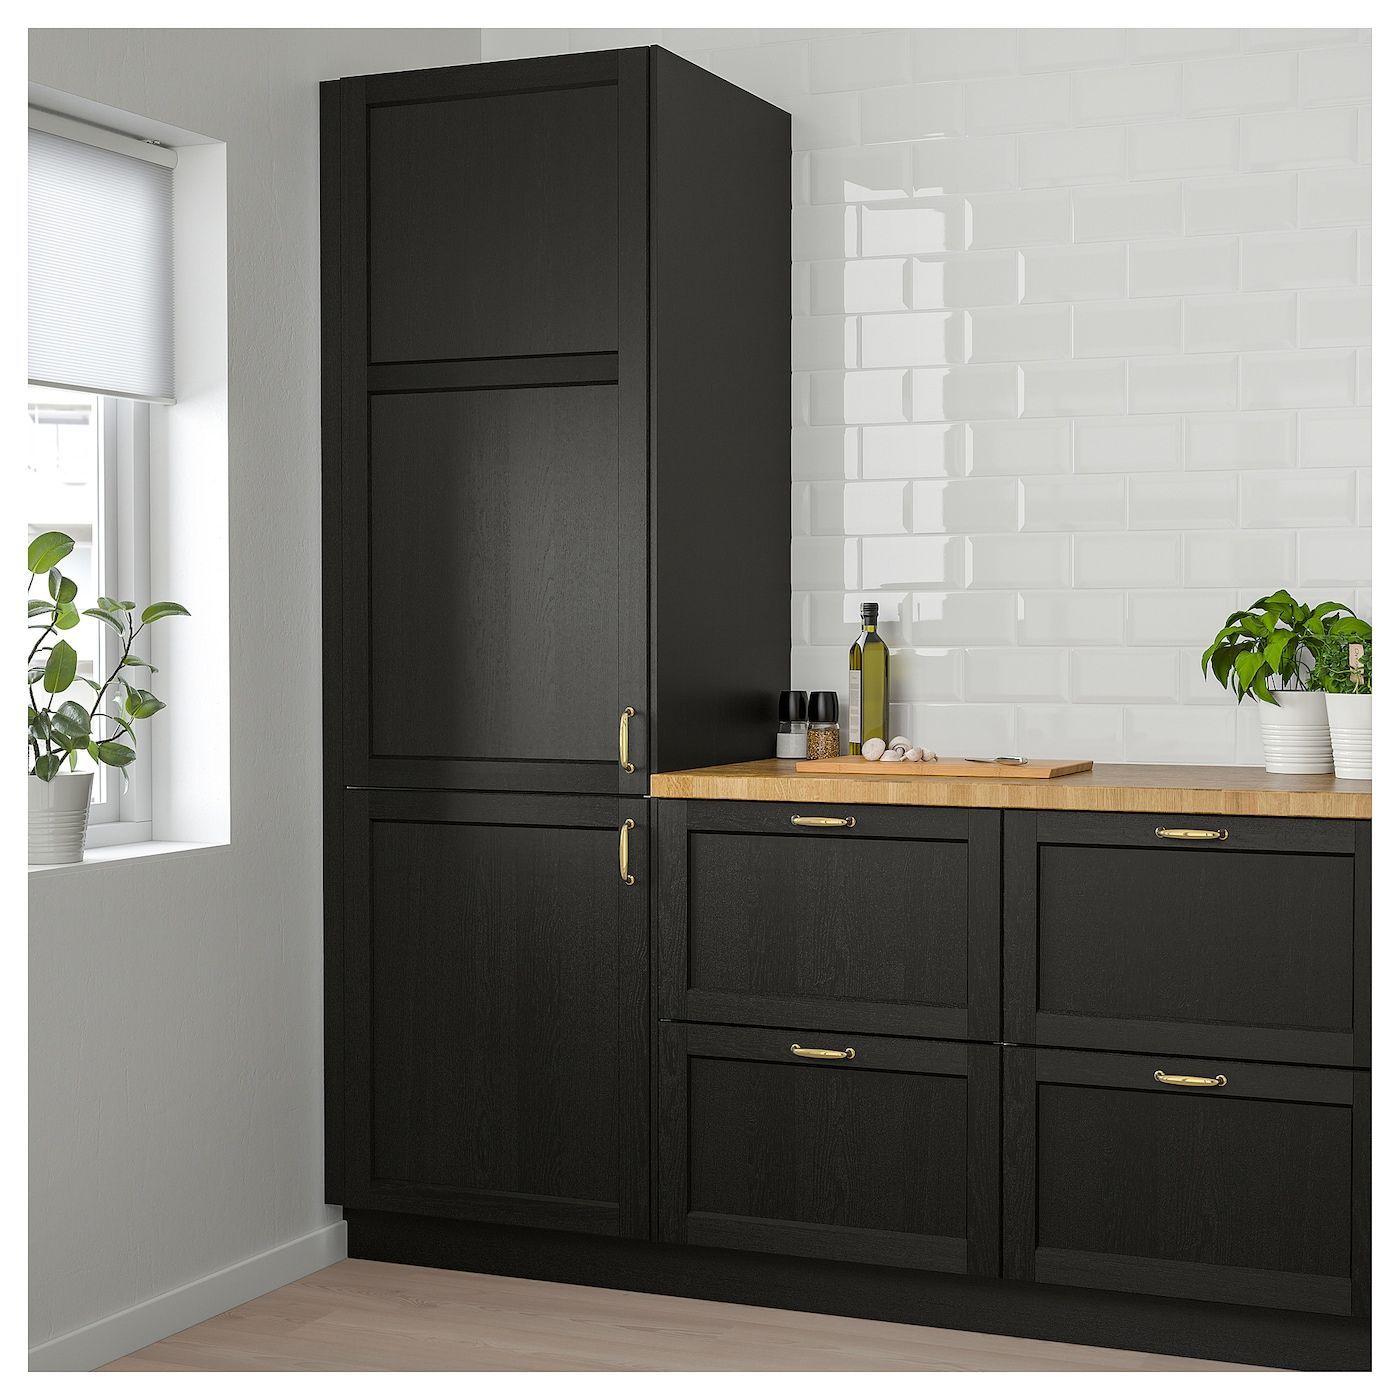 Ikea Lerhyttan Door Kitchen Shelf Decor Kitchen Trends Kitchen Renovation